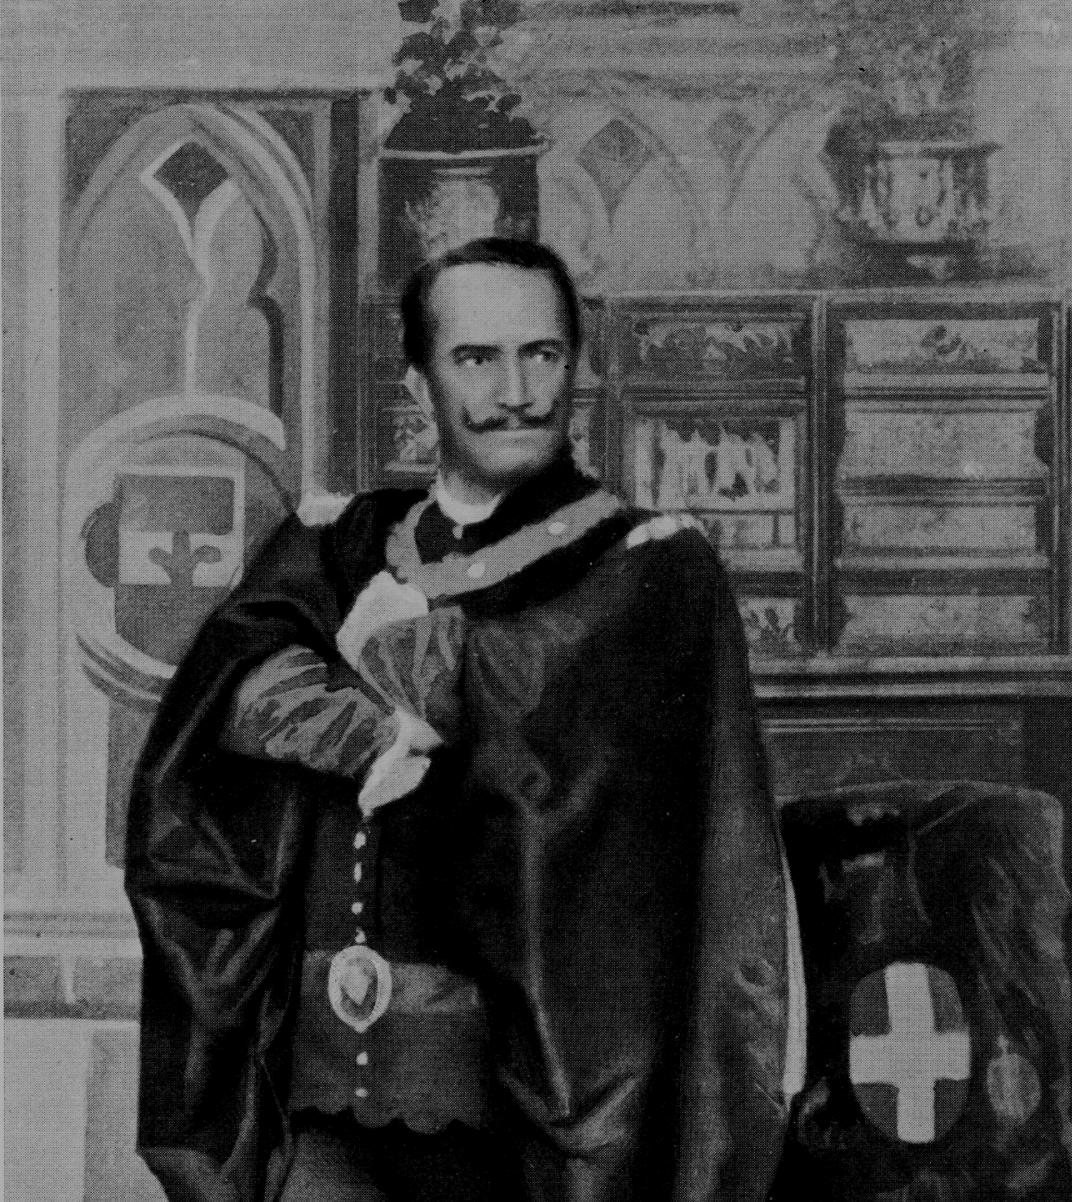 Andrea Maggi in Il conte rosso by Giuseppe Giacosa